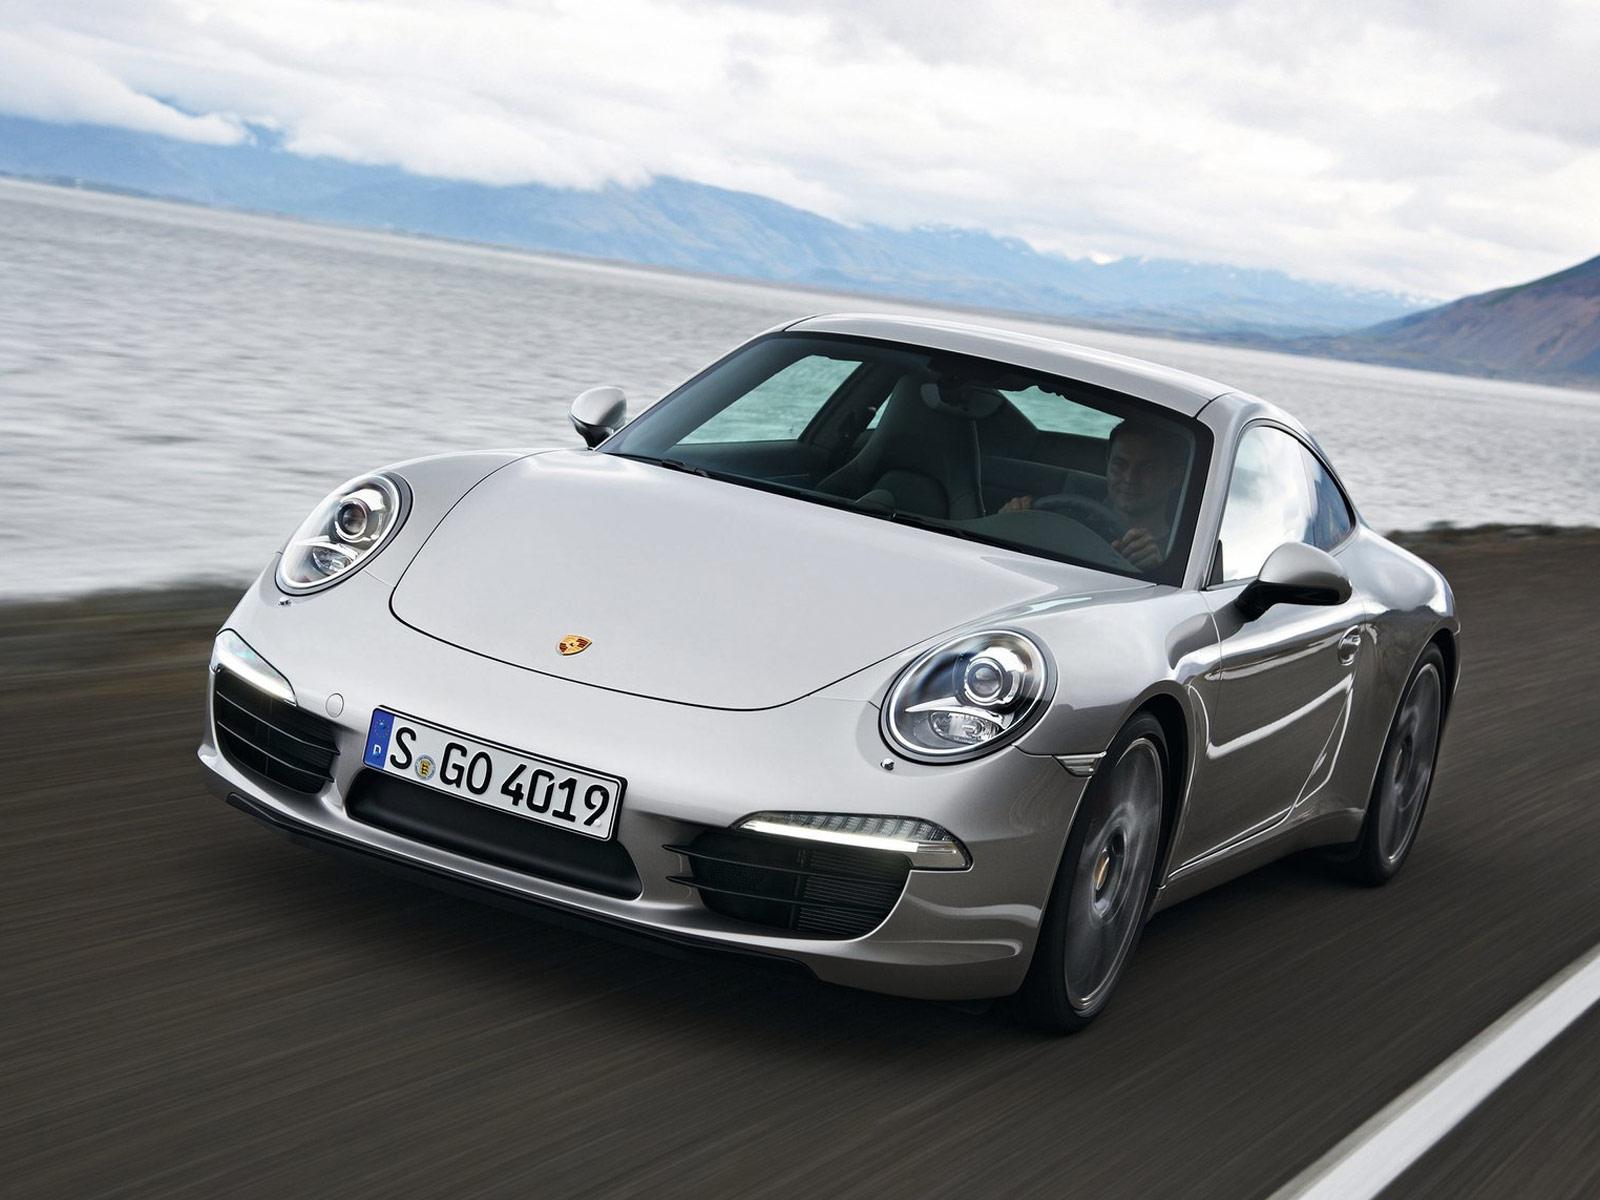 2013 Porsche 911 Carrera S pictures